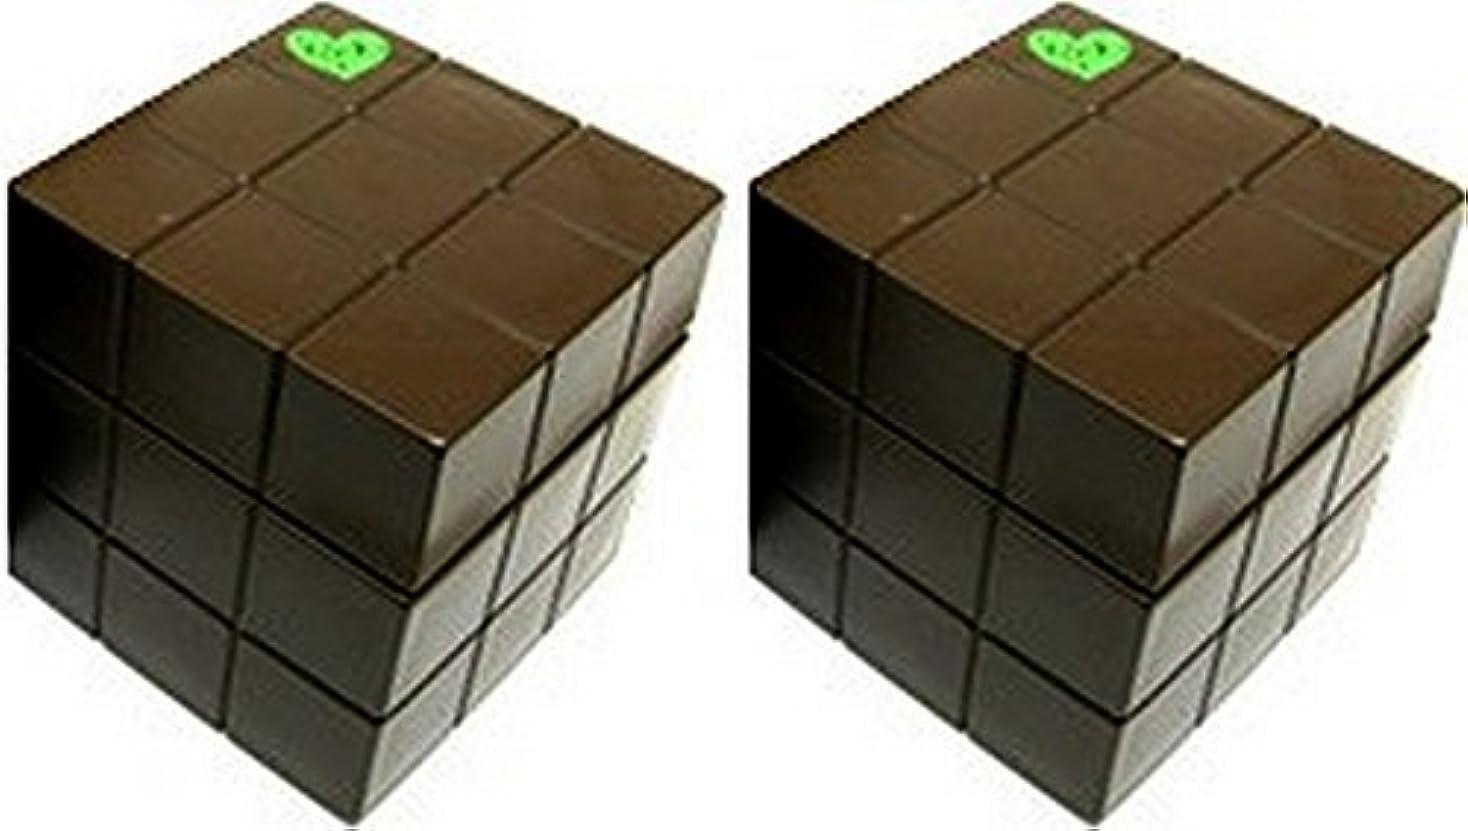 レルム遡る設計図【X2個セット】 アリミノ ピース プロデザインシリーズ ハードワックス チョコ 80g